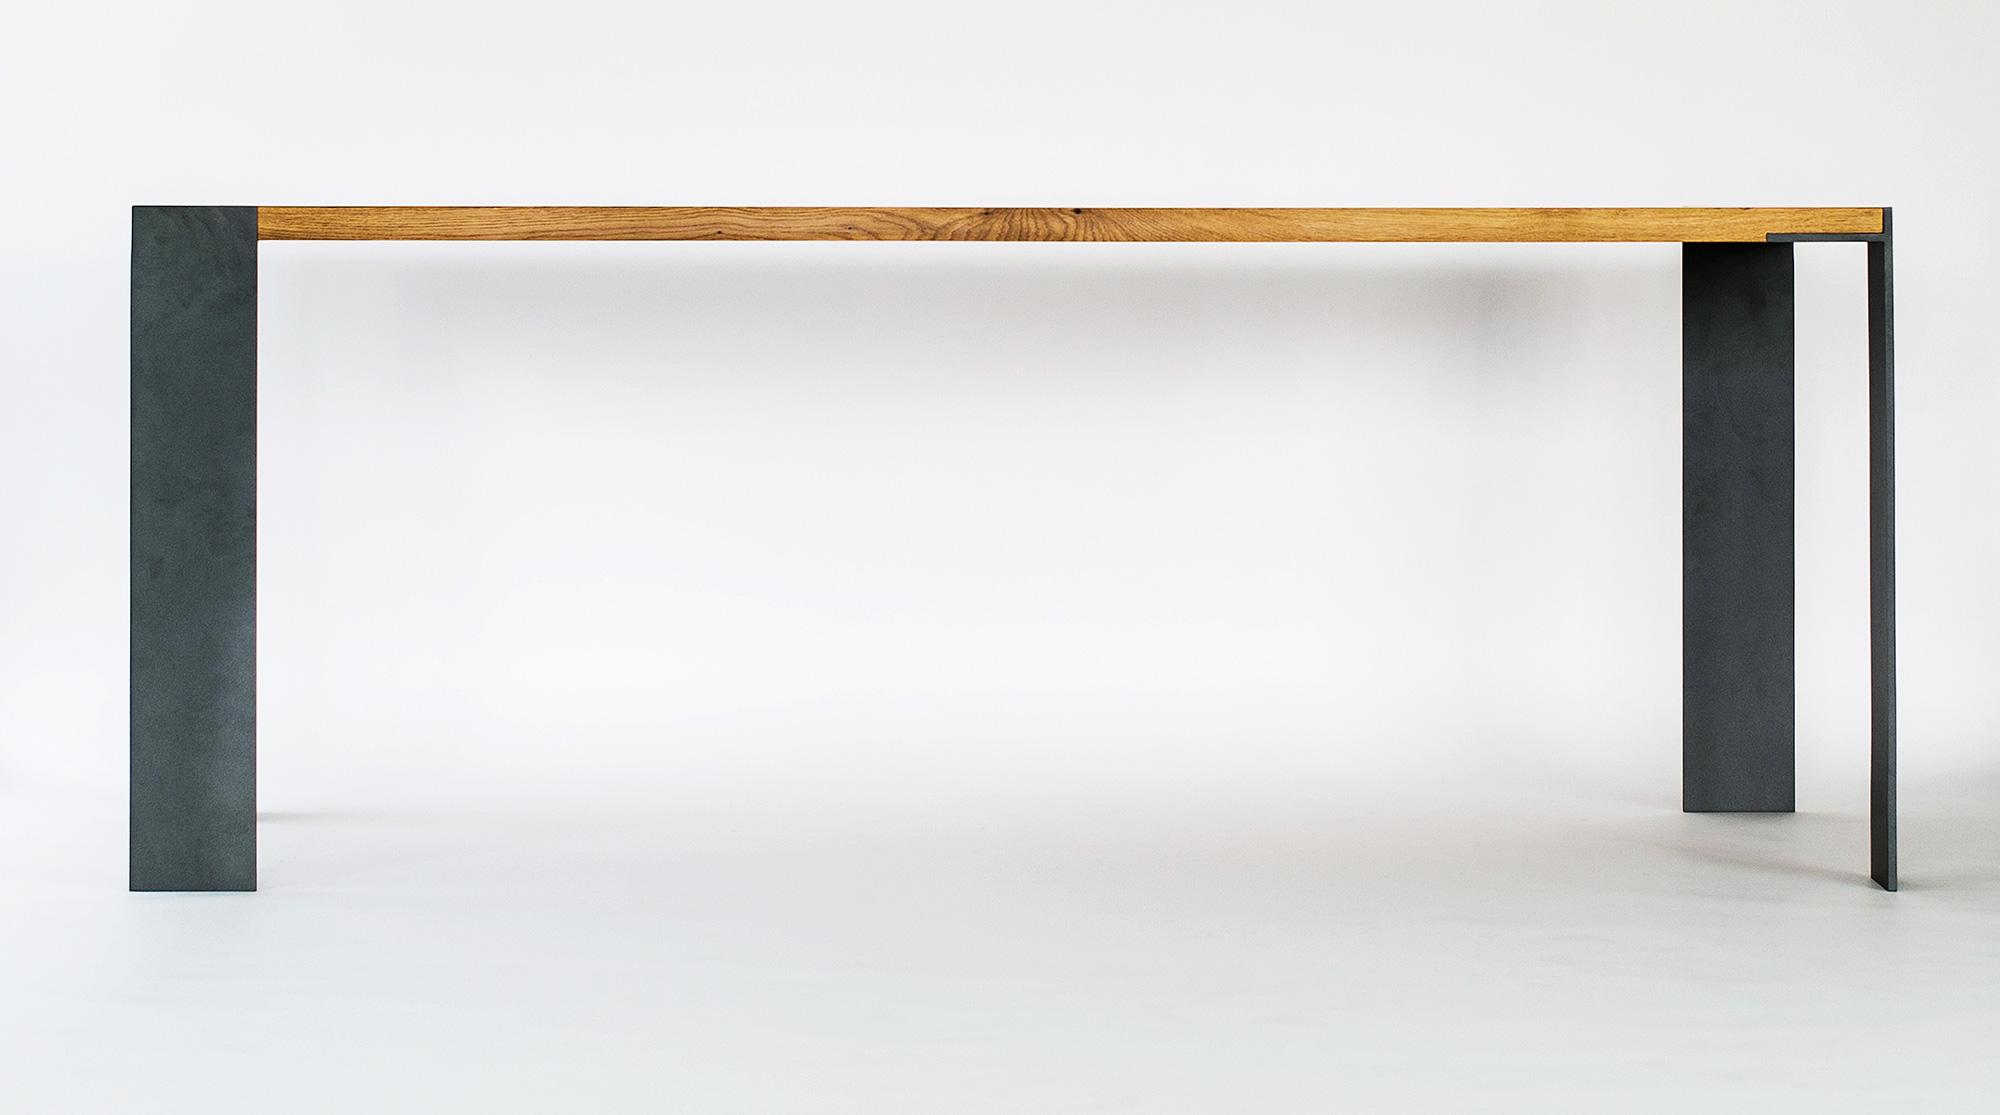 Der KT5 Ist Ein Tisch Der Für Klare, Einfache Formen Und Funktionales Design  Steht Und Ist Als Esstisch Und Als Bürotisch Geeignet.